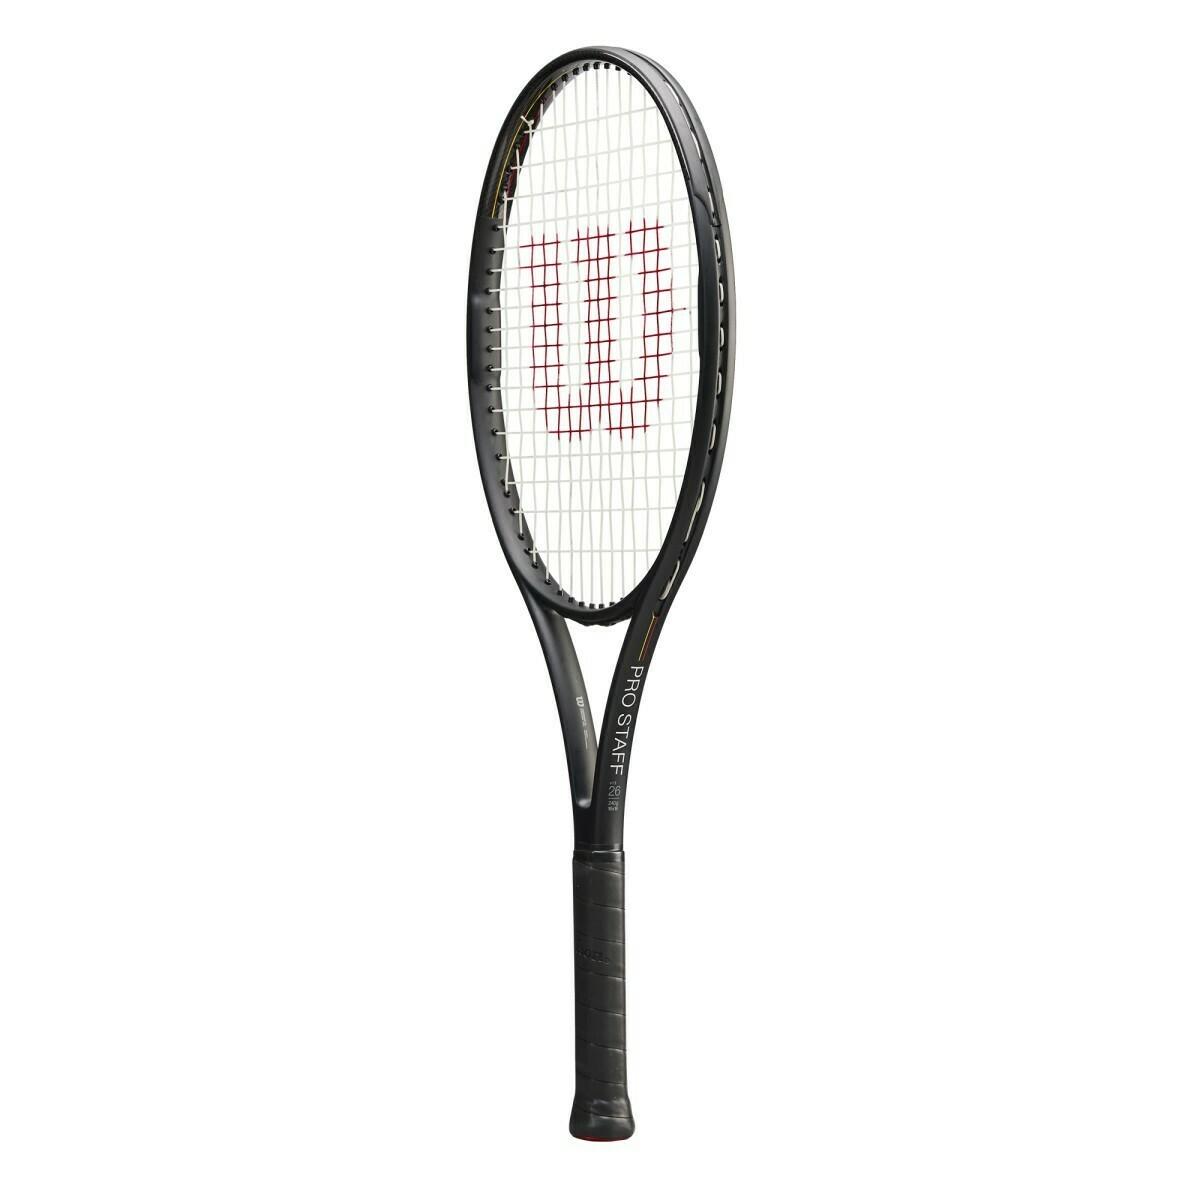 Wilson Pro Staff 26 inch V13.0 Junior Tennis Racket - Black